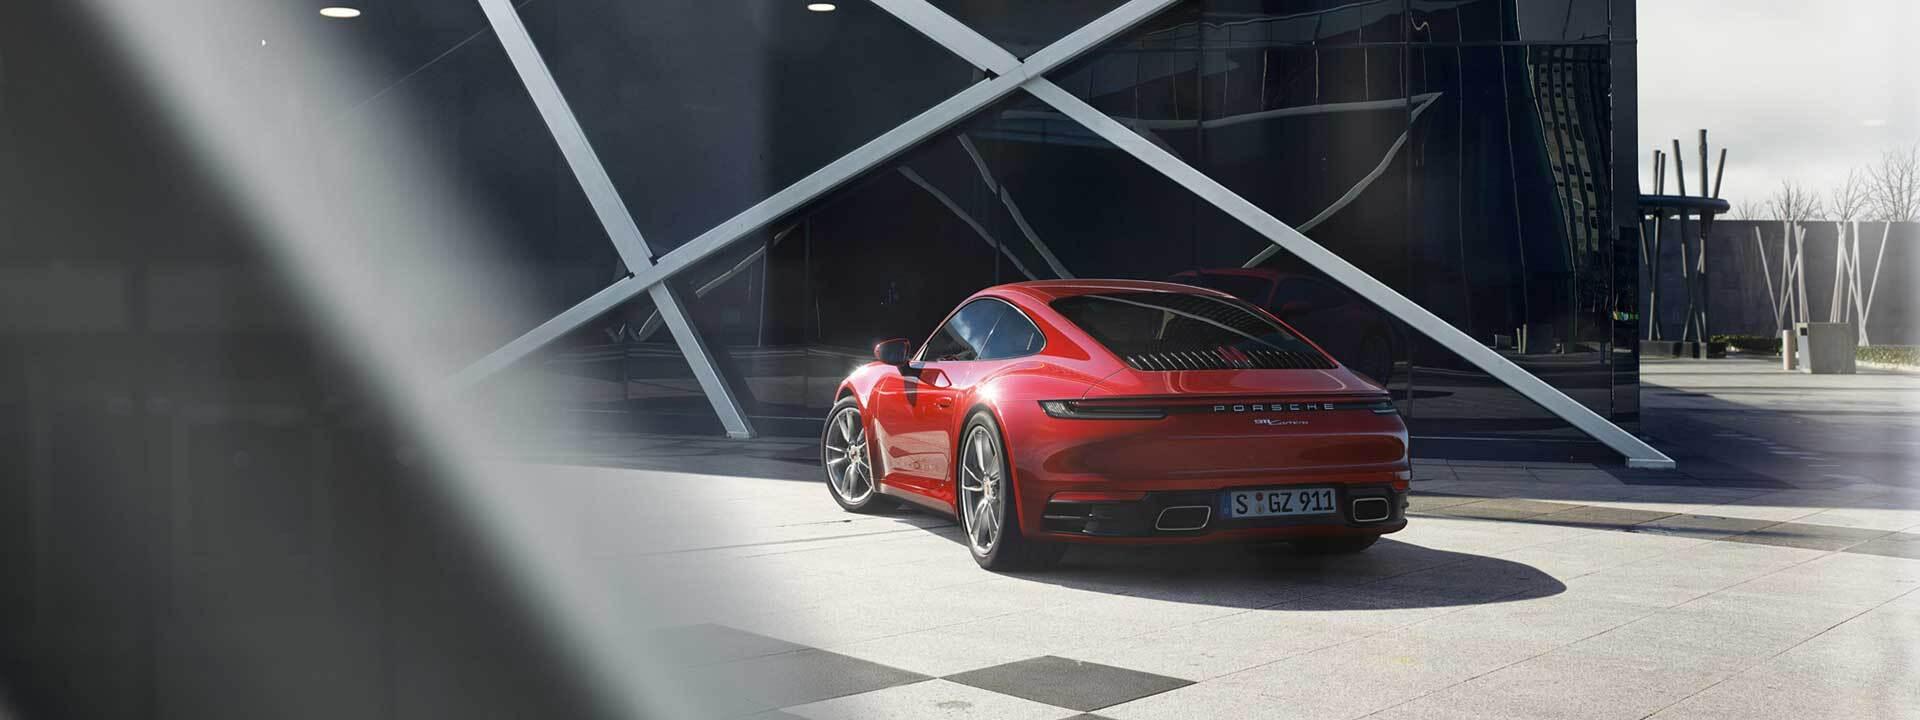 A Porsche parked in Colorado Springs, CO